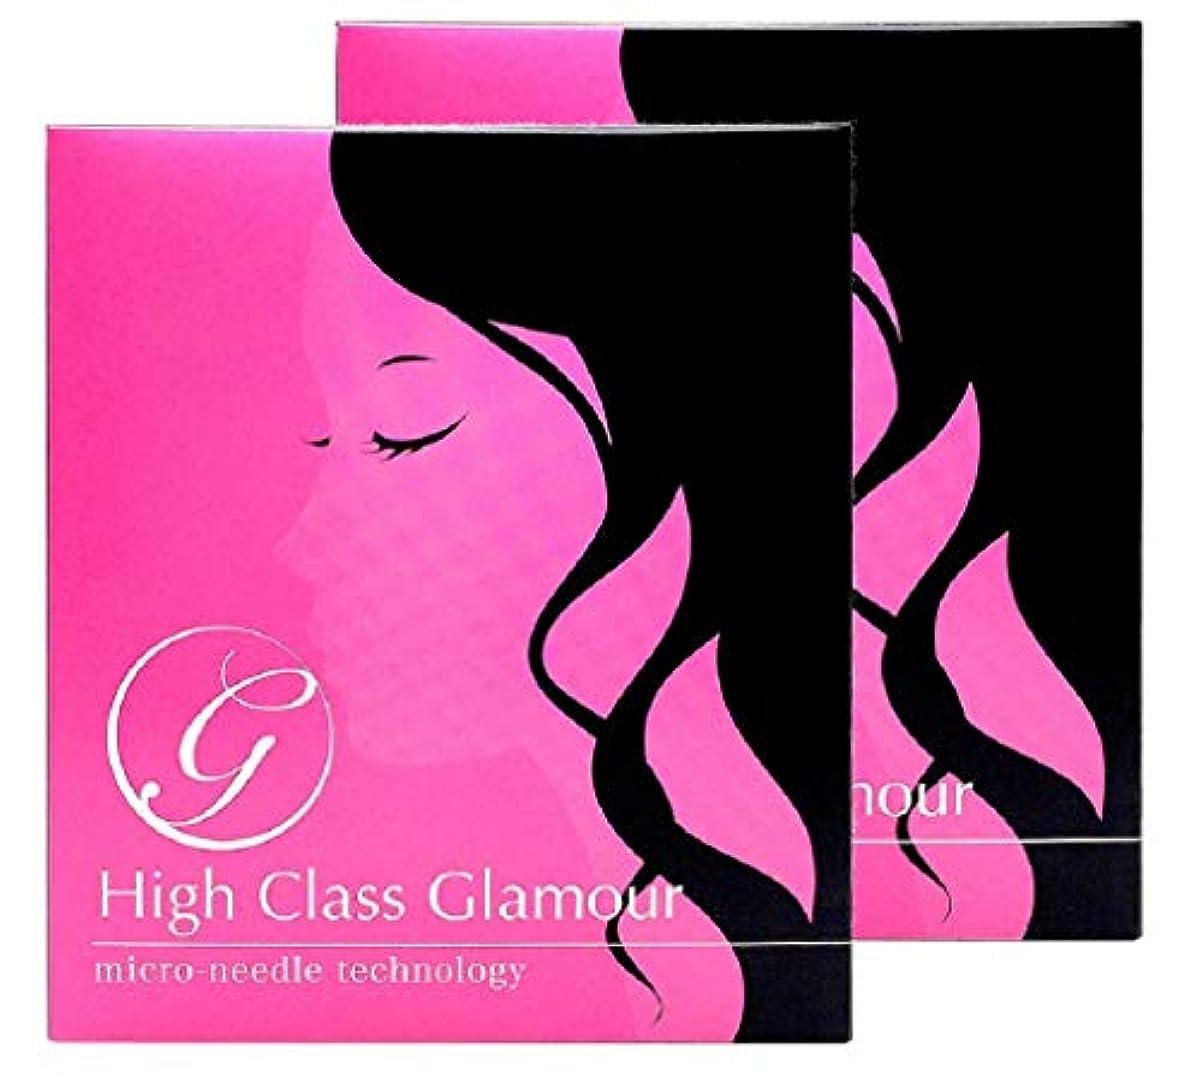 お誕生日コカイン蓋High class glamour マイクロパッチ 2枚×4セット (約1ヵ月分) 【貼るだけ簡単スペシャルケア】(2個)